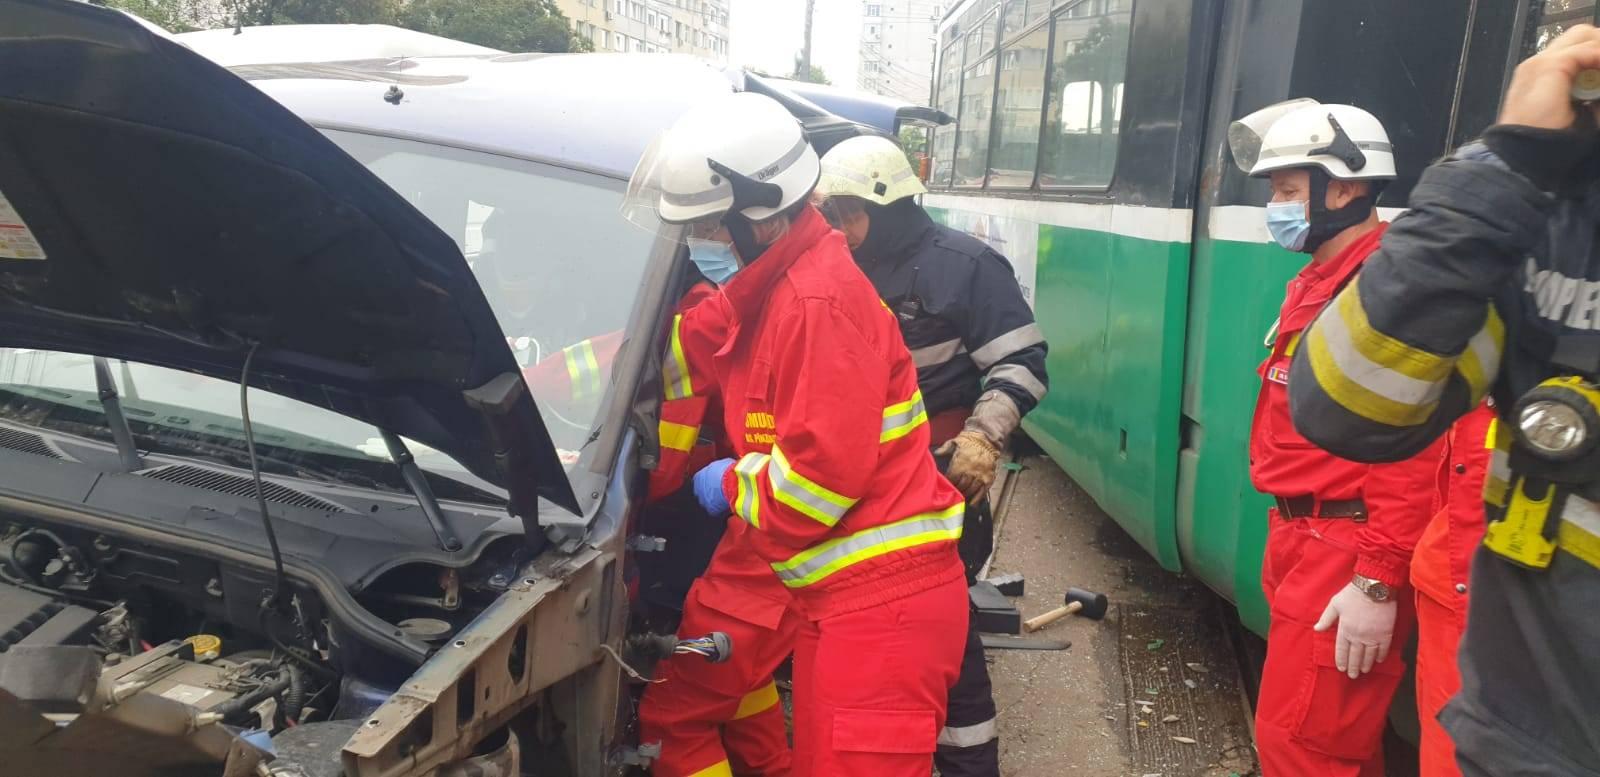 Accident grav în Iași! Un tramvai a deraiat în plină stradă. Au fost raportate primele victime